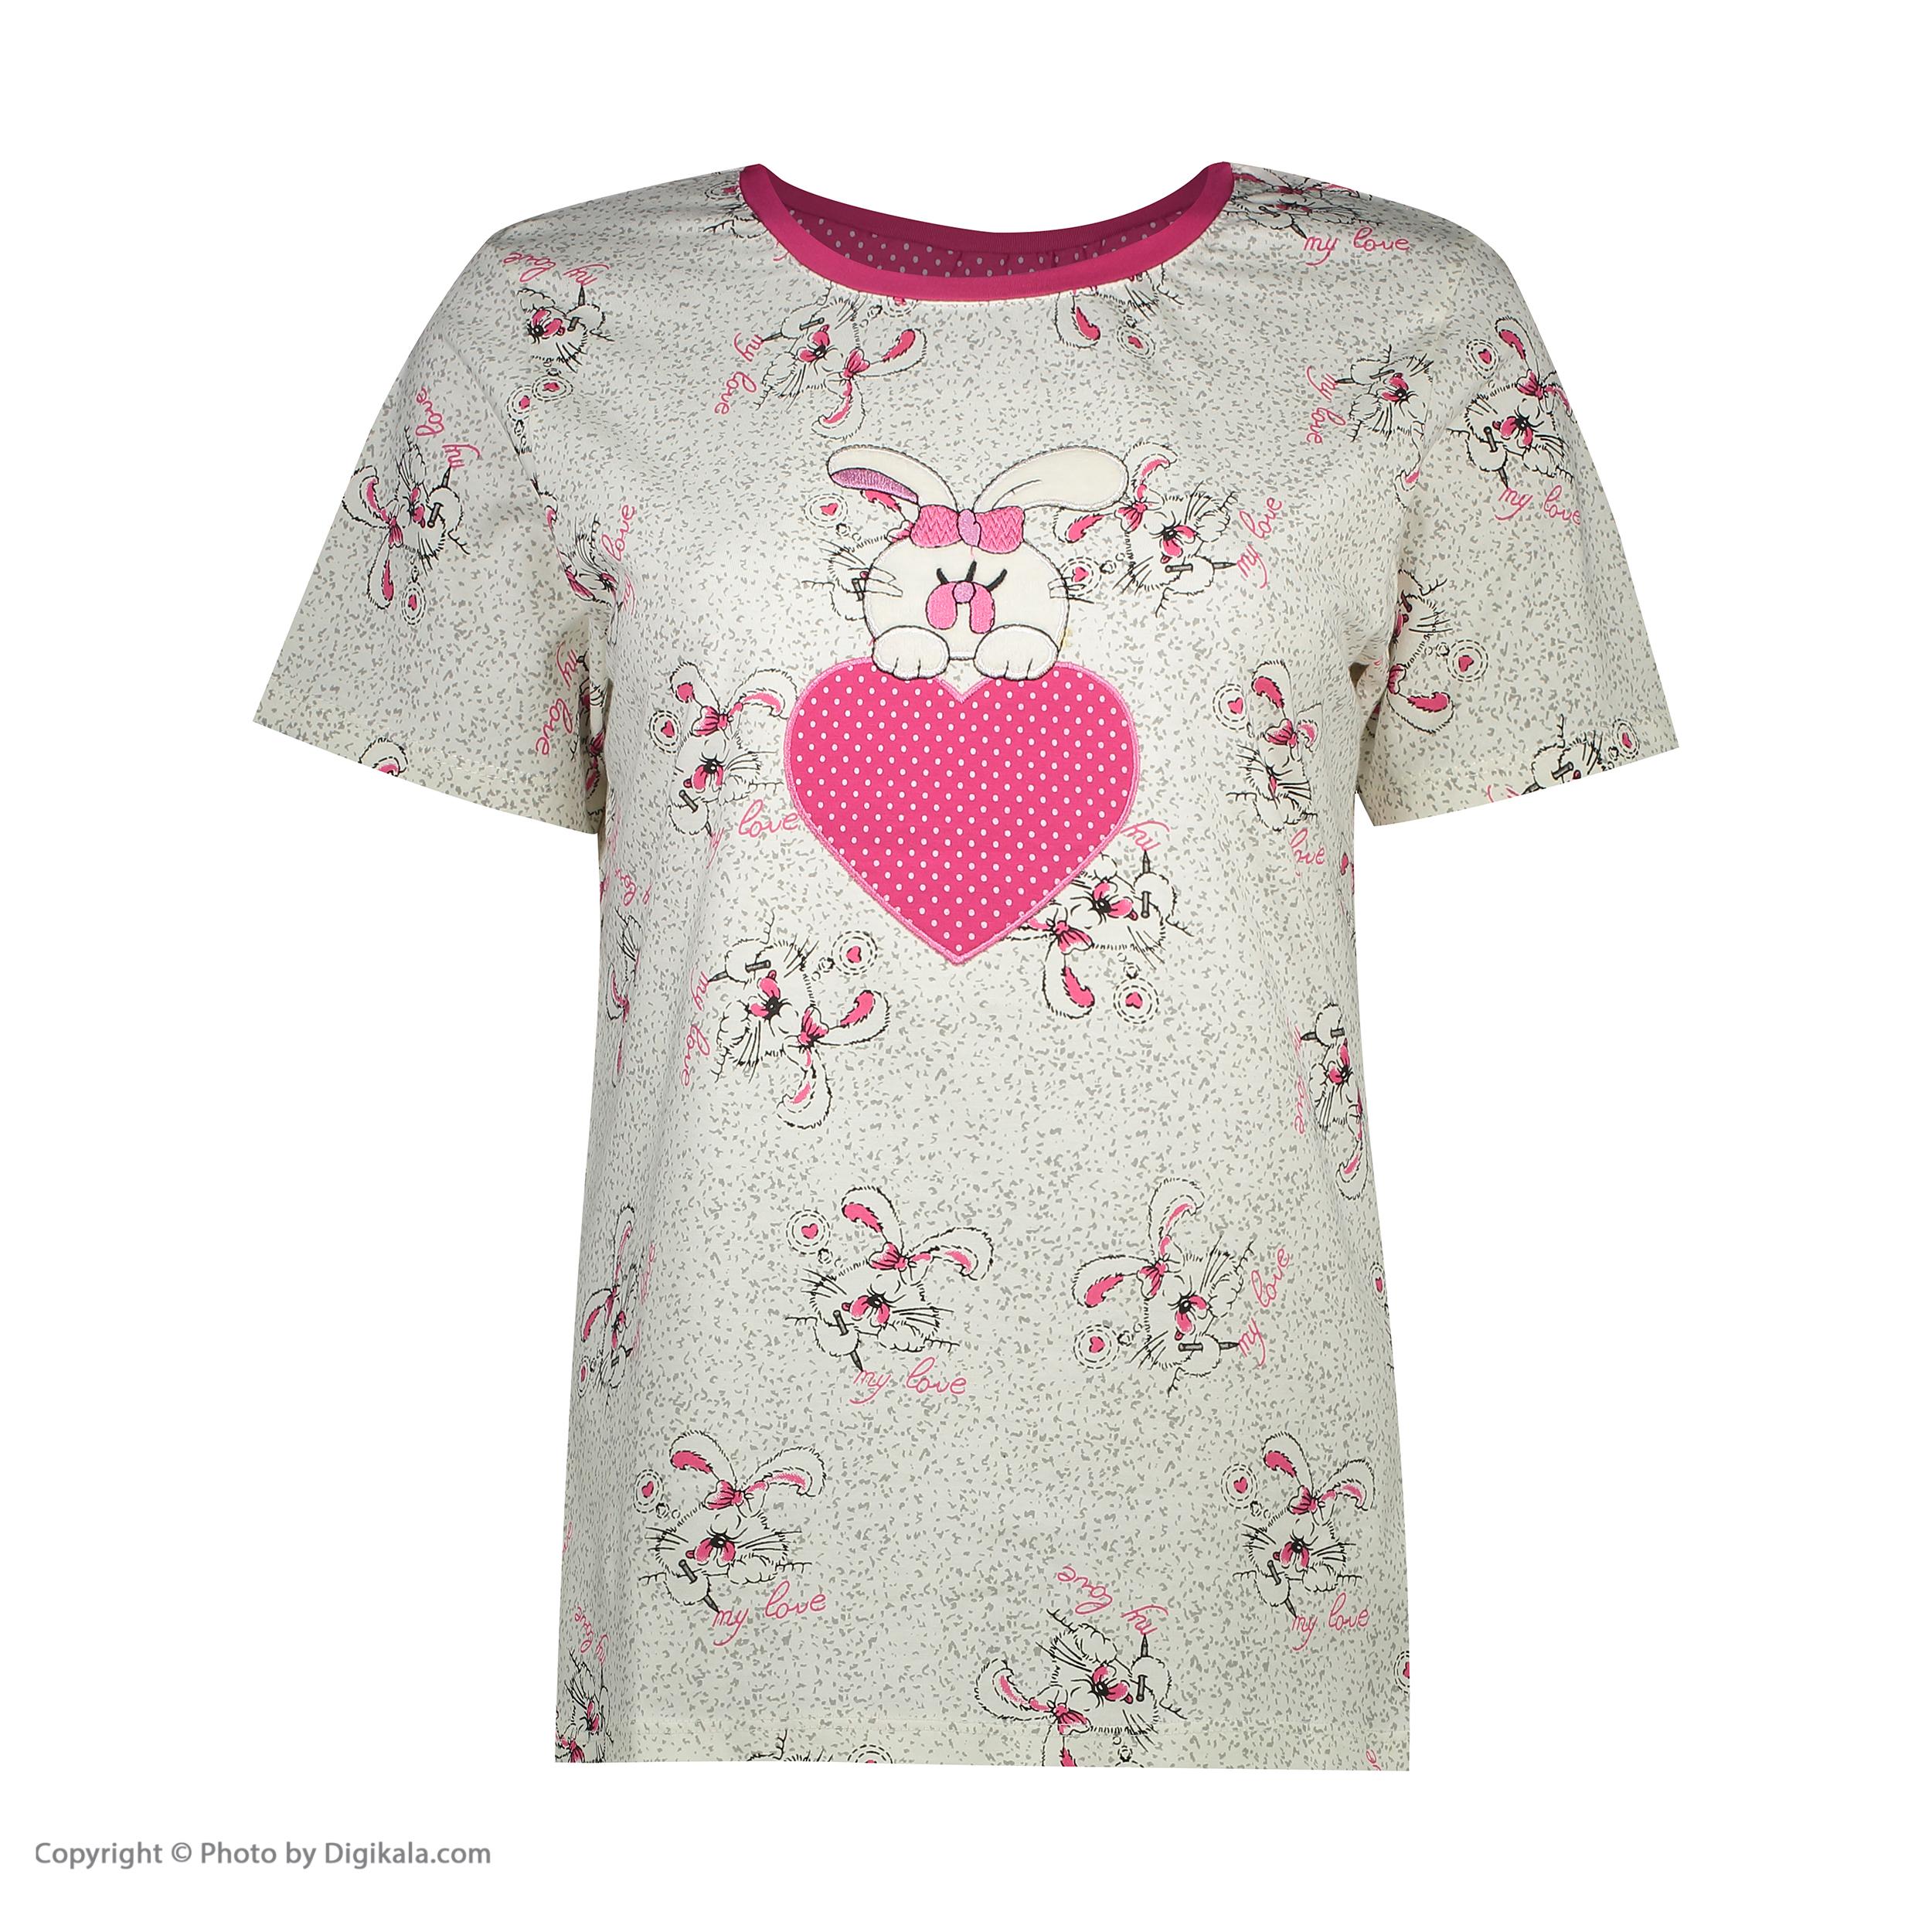 ست تی شرت و شلوارک راحتی زنانه مادر مدل 2041105-66 -  - 4